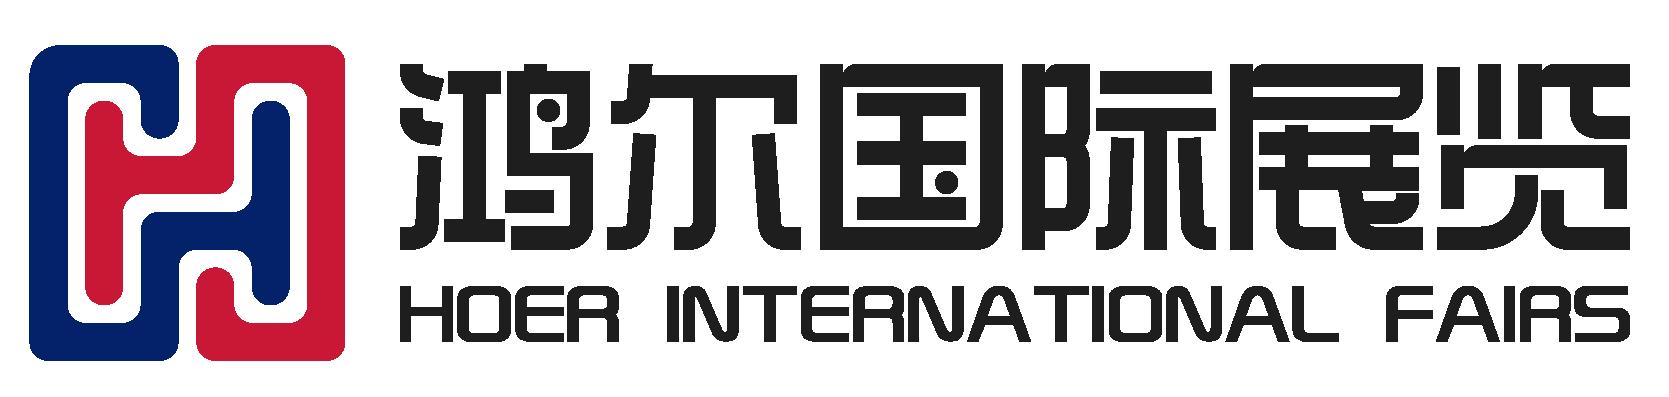 凯时国际娱乐网国际展览